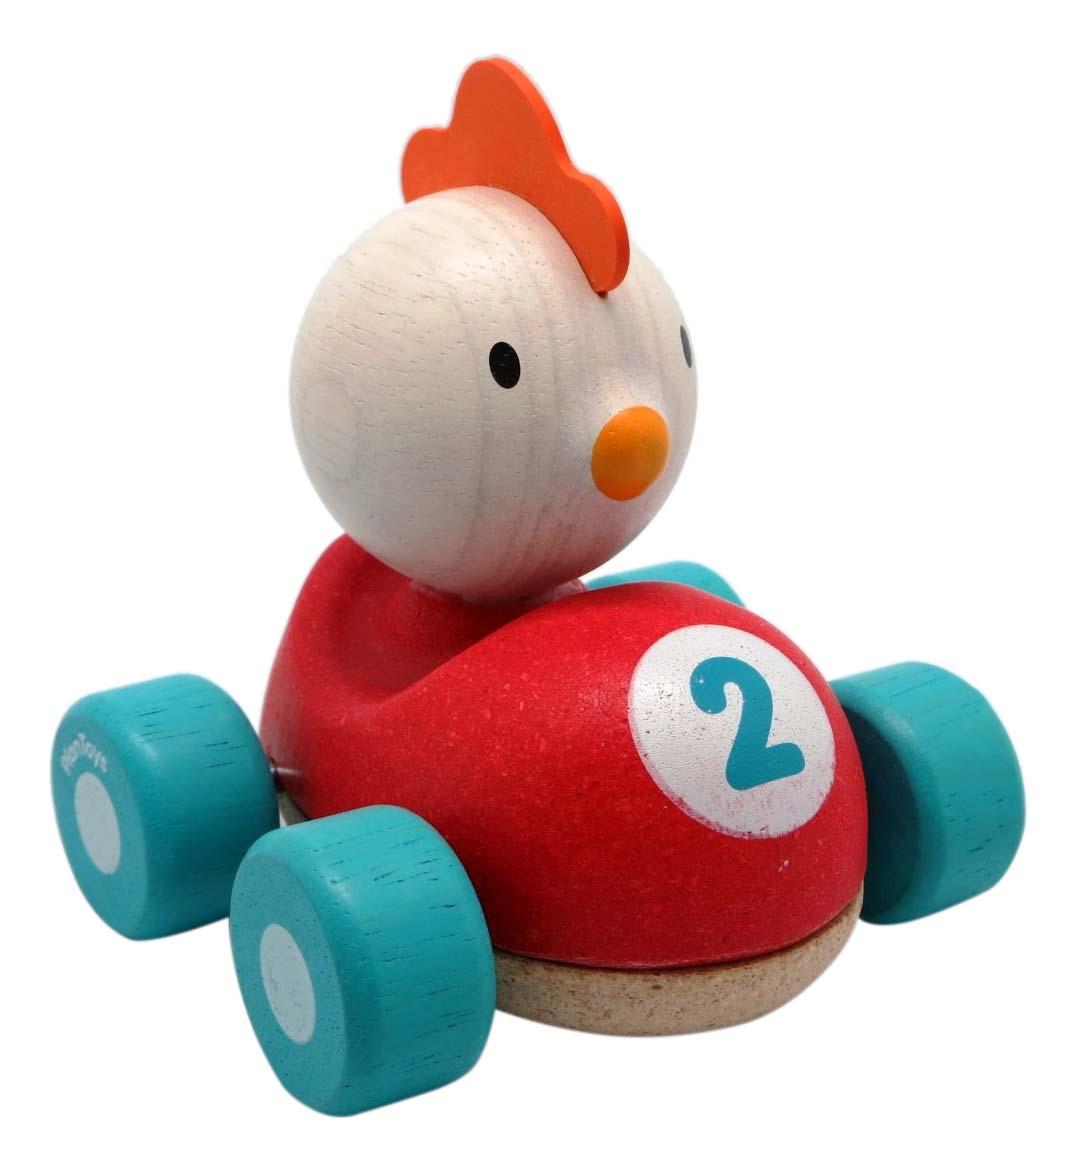 Купить Деревянная игрушка для малышей PlanToys Курочка, Развивающие игрушки